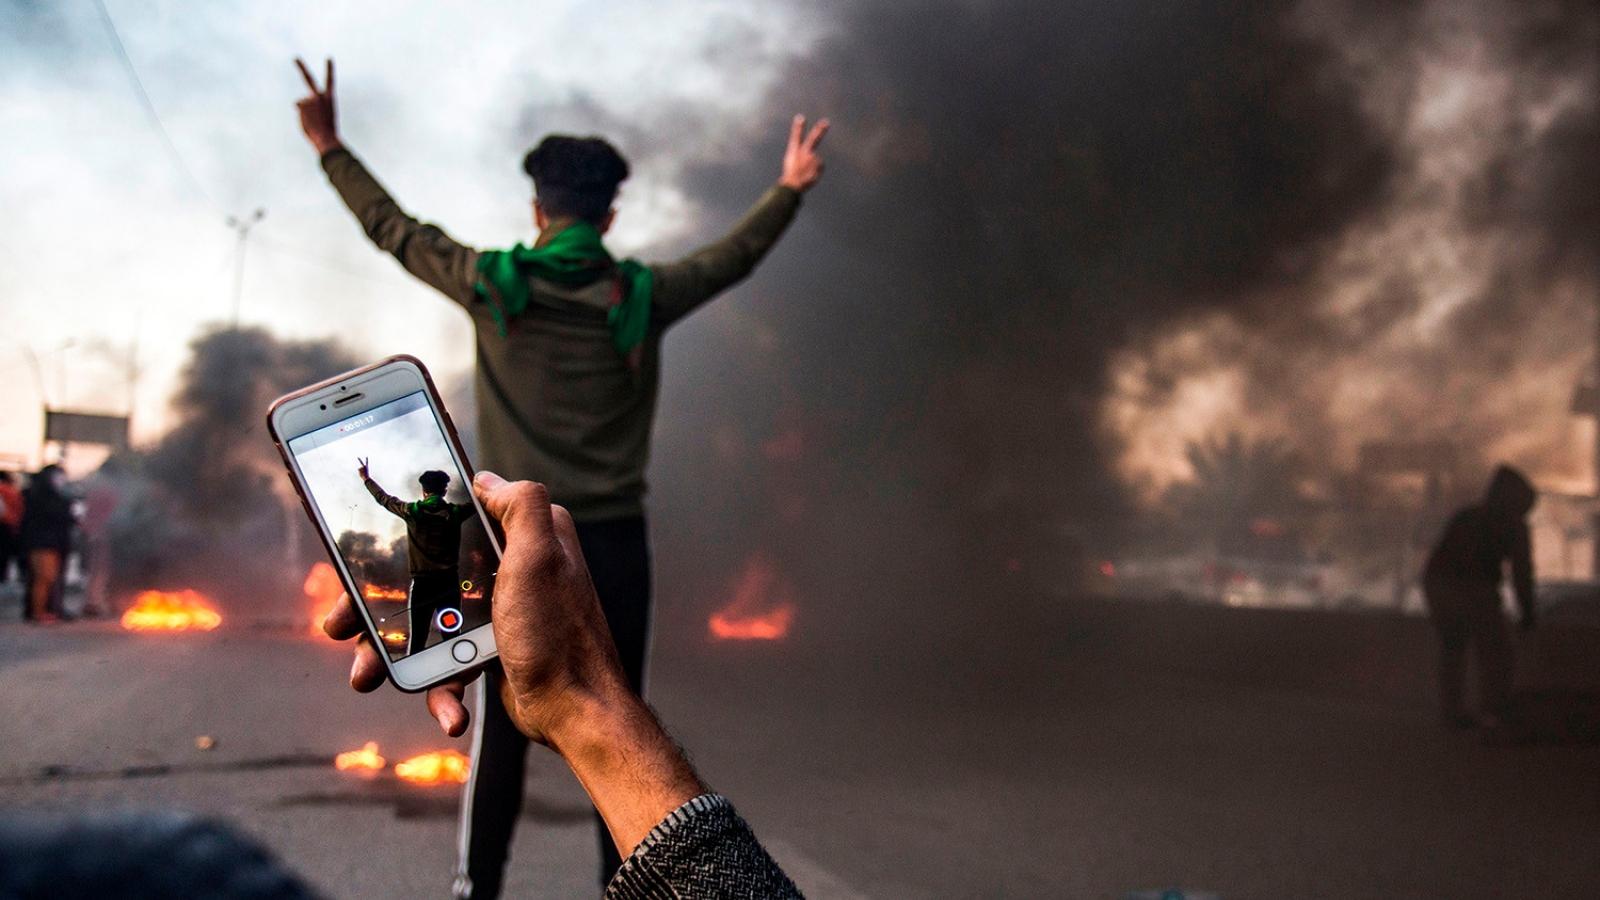 Cuộc chiến ở Syria và Iraq trong tương lai sẽ là trên điện thoại thông minh